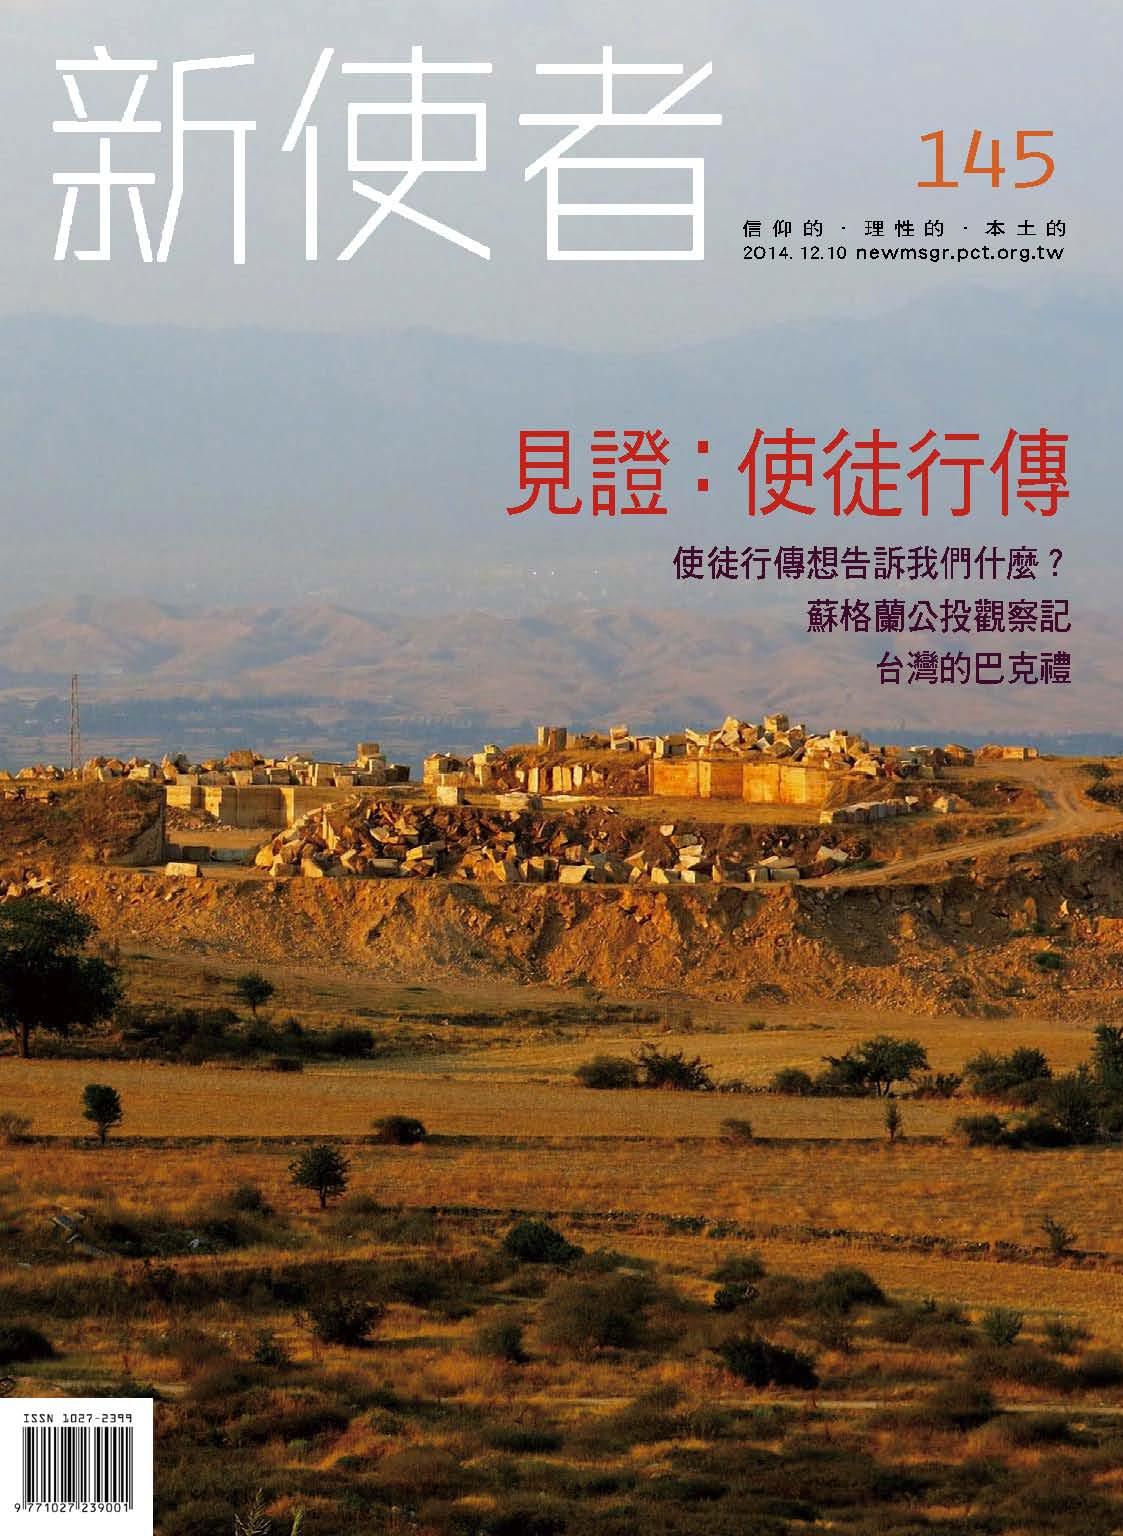 新使者雜誌 The New Messenger  145期  2014年  12月 見證:使徒行傳